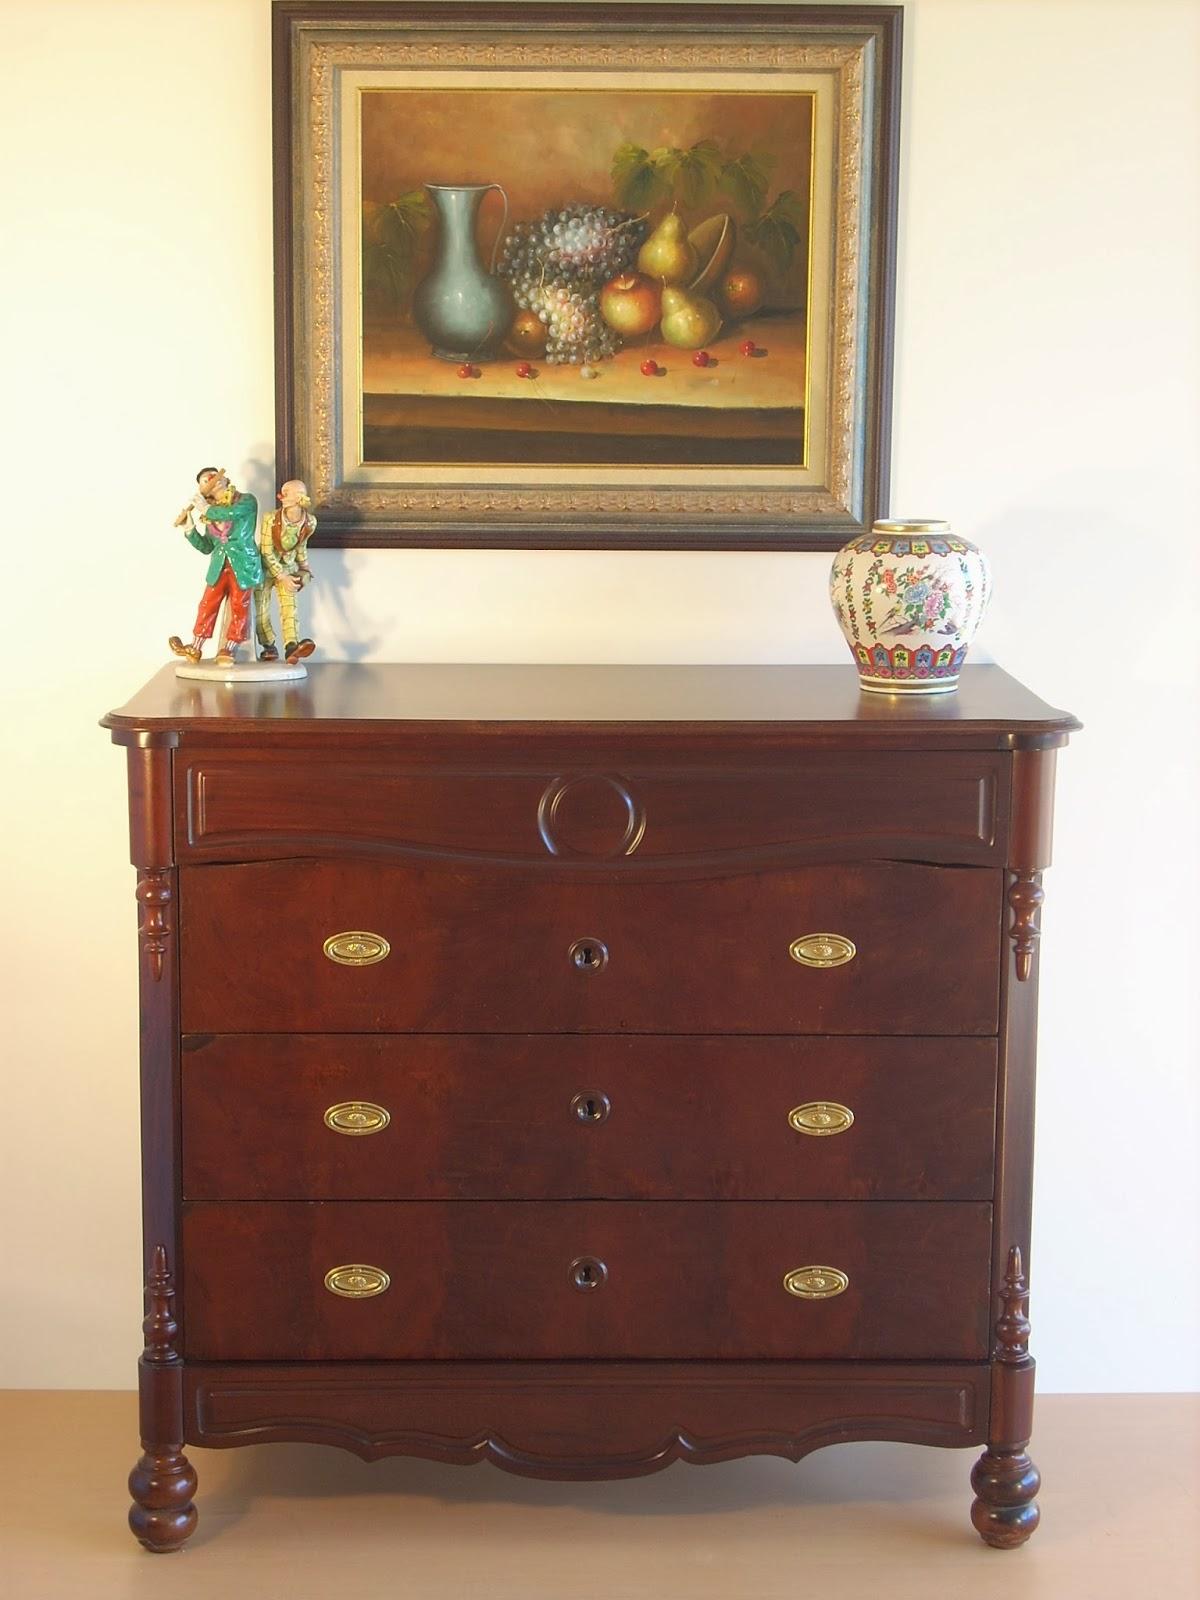 Venta muebles restaurados venta de muebles restaurados - Muebles antiguos restaurados ...